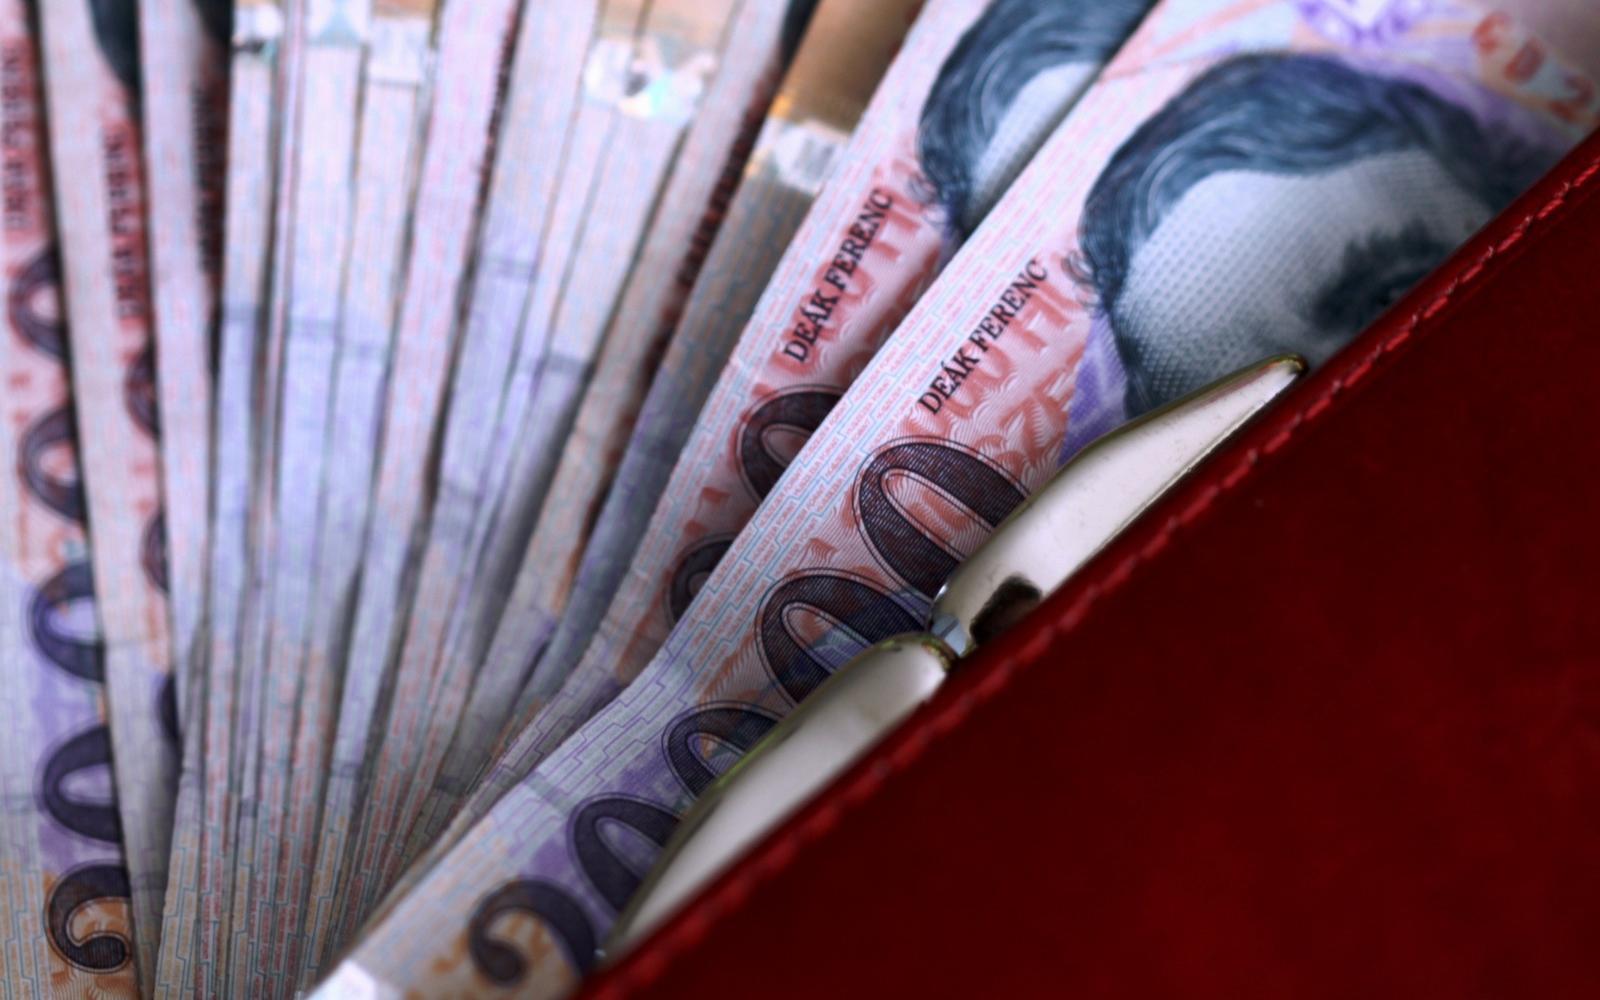 alapjövedelem kiegészítő jövedelem)